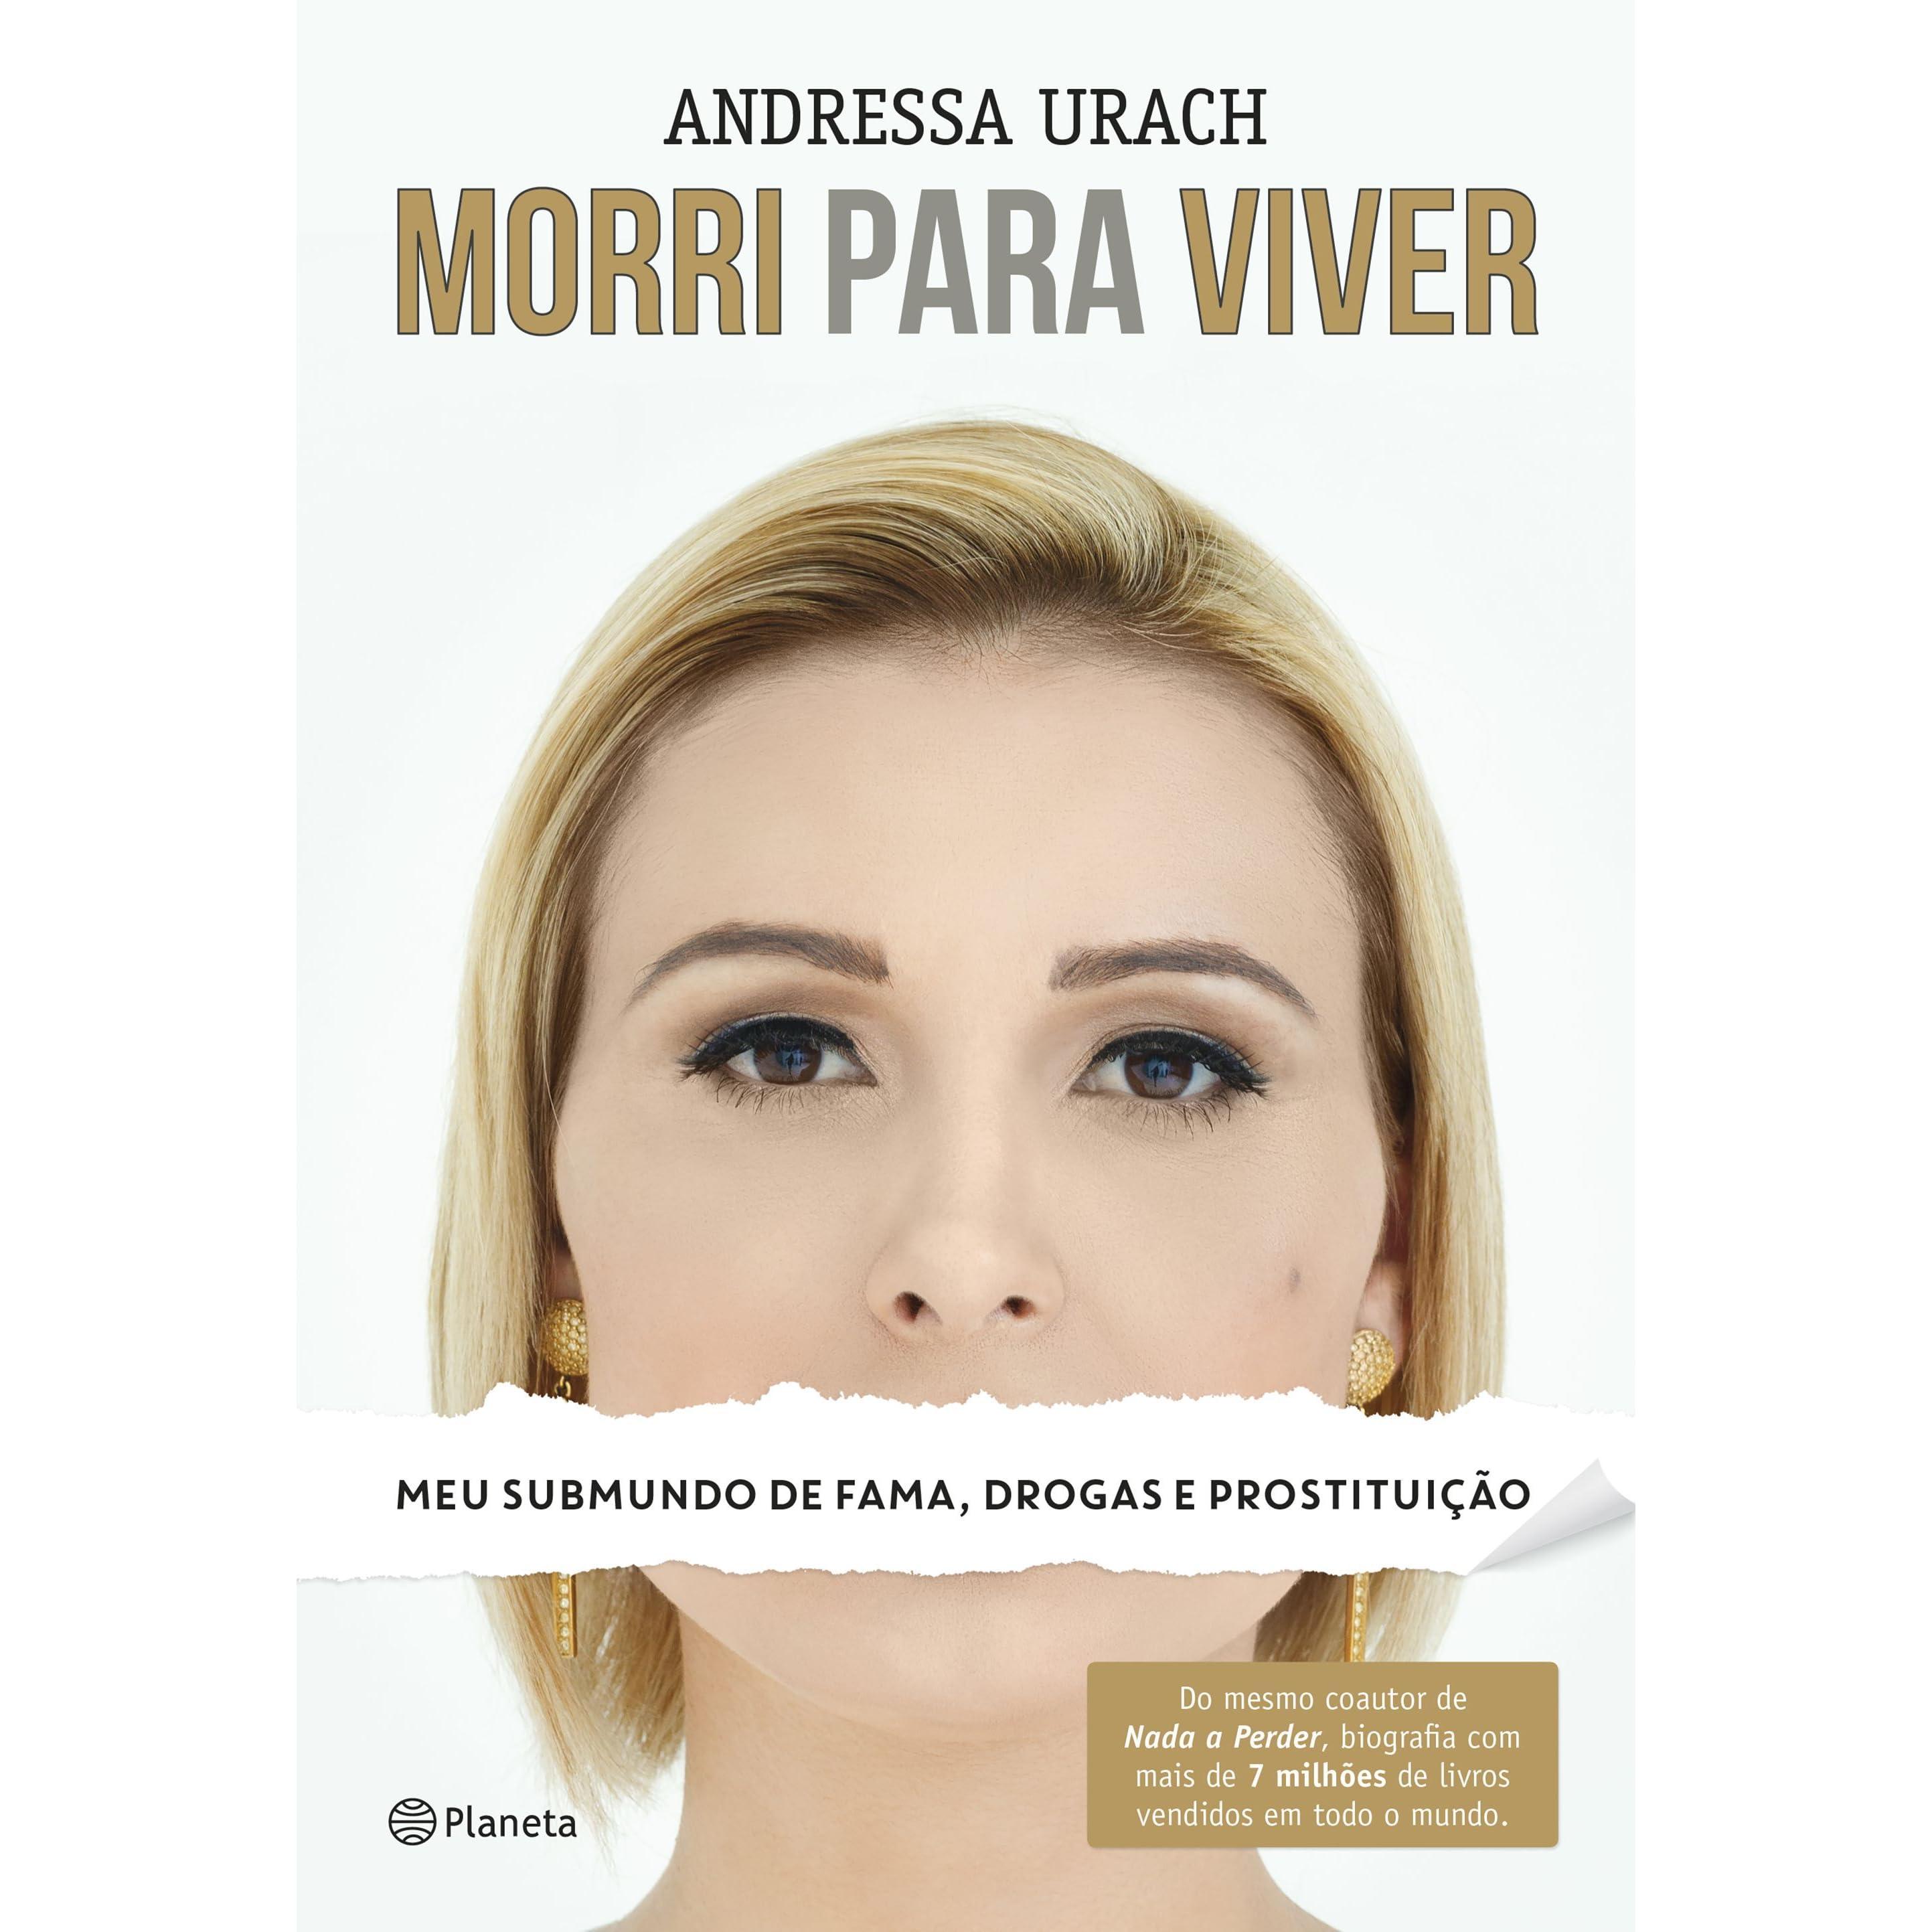 Amanda E Andressa Nuas morri para viver: meu submundo de fama, drogas e